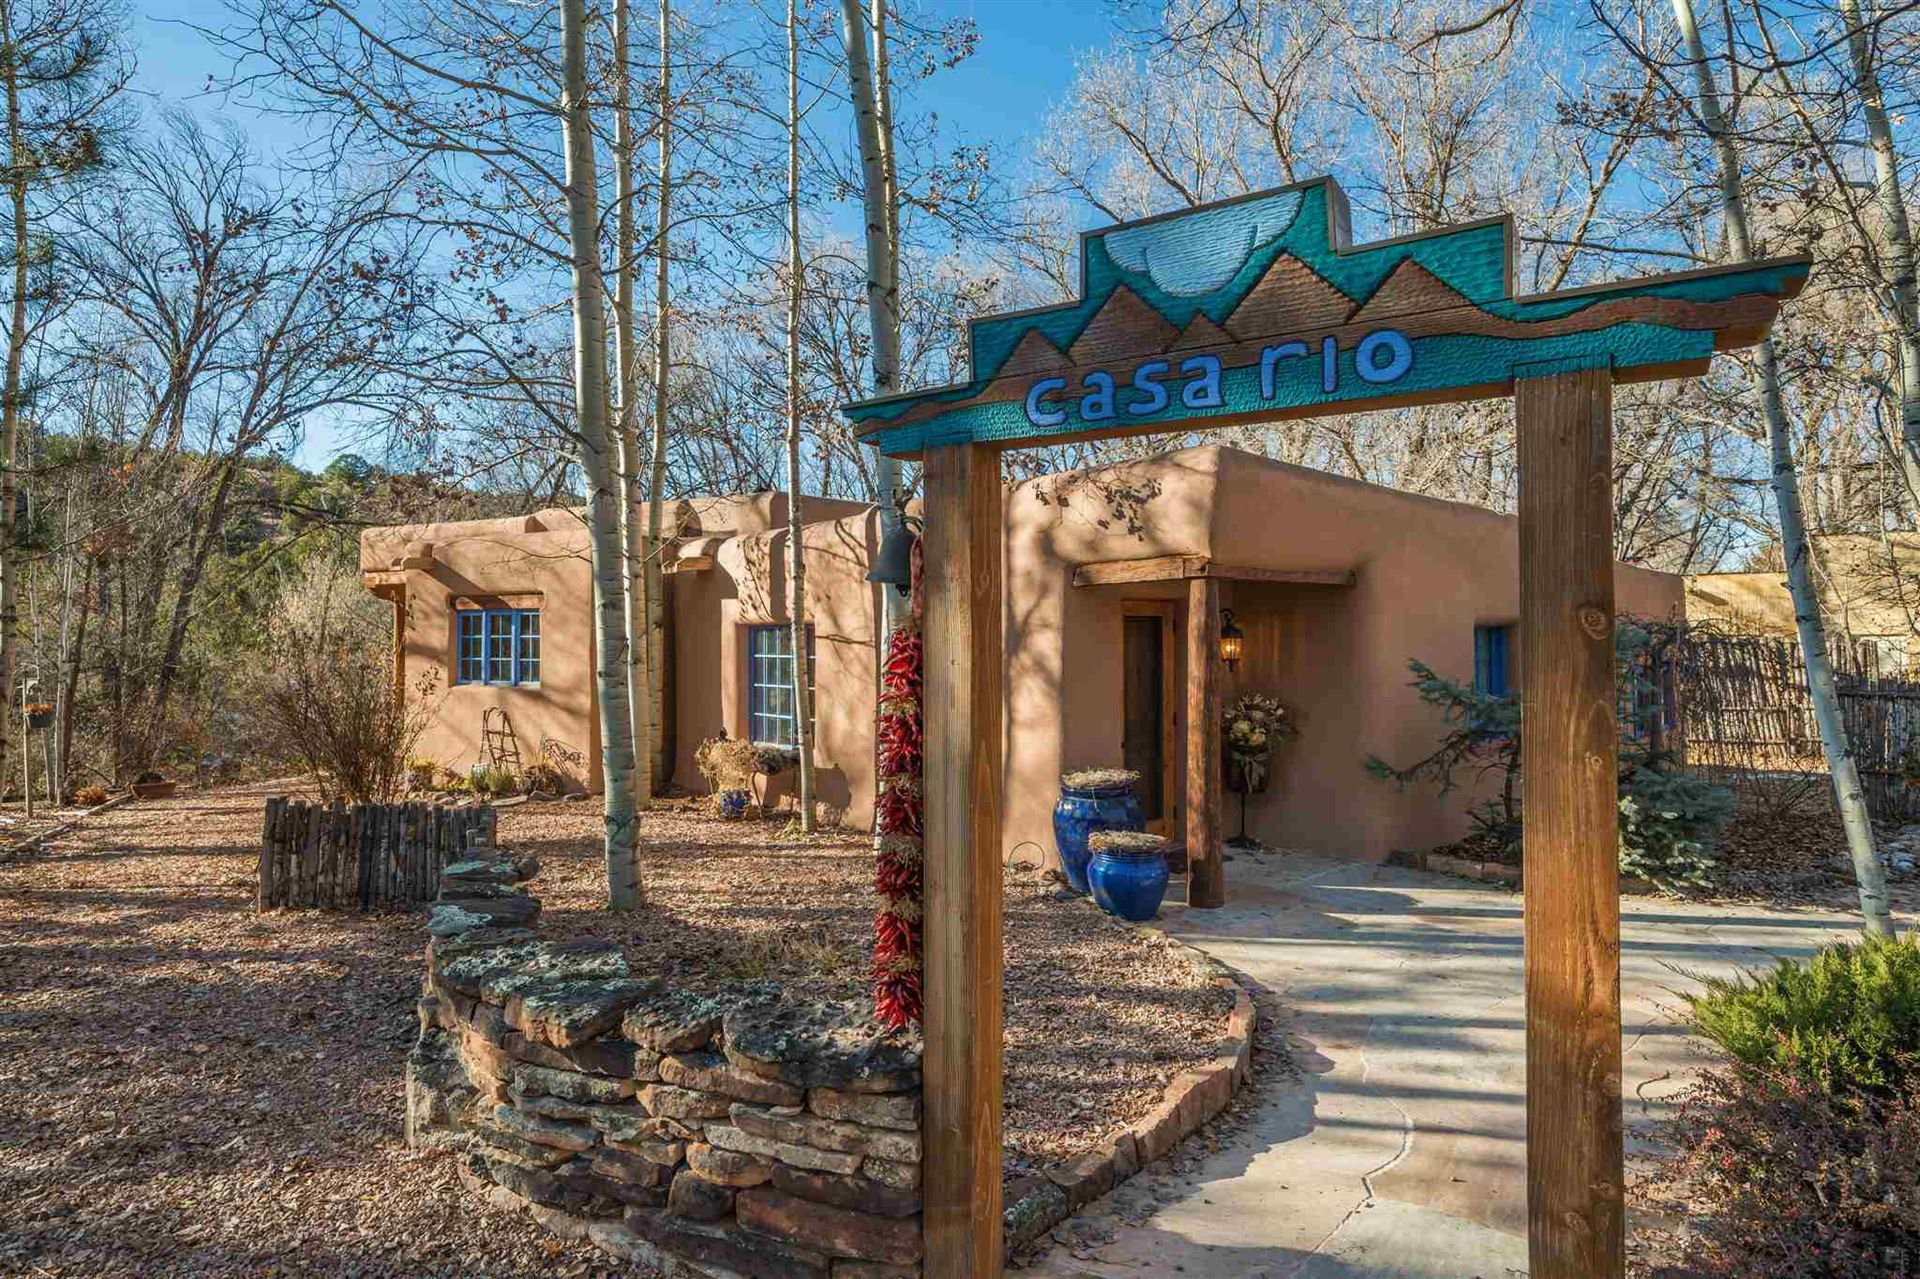 1474 Bishops Lodge Road, Santa Fe, NM 87506 - #: 202000002